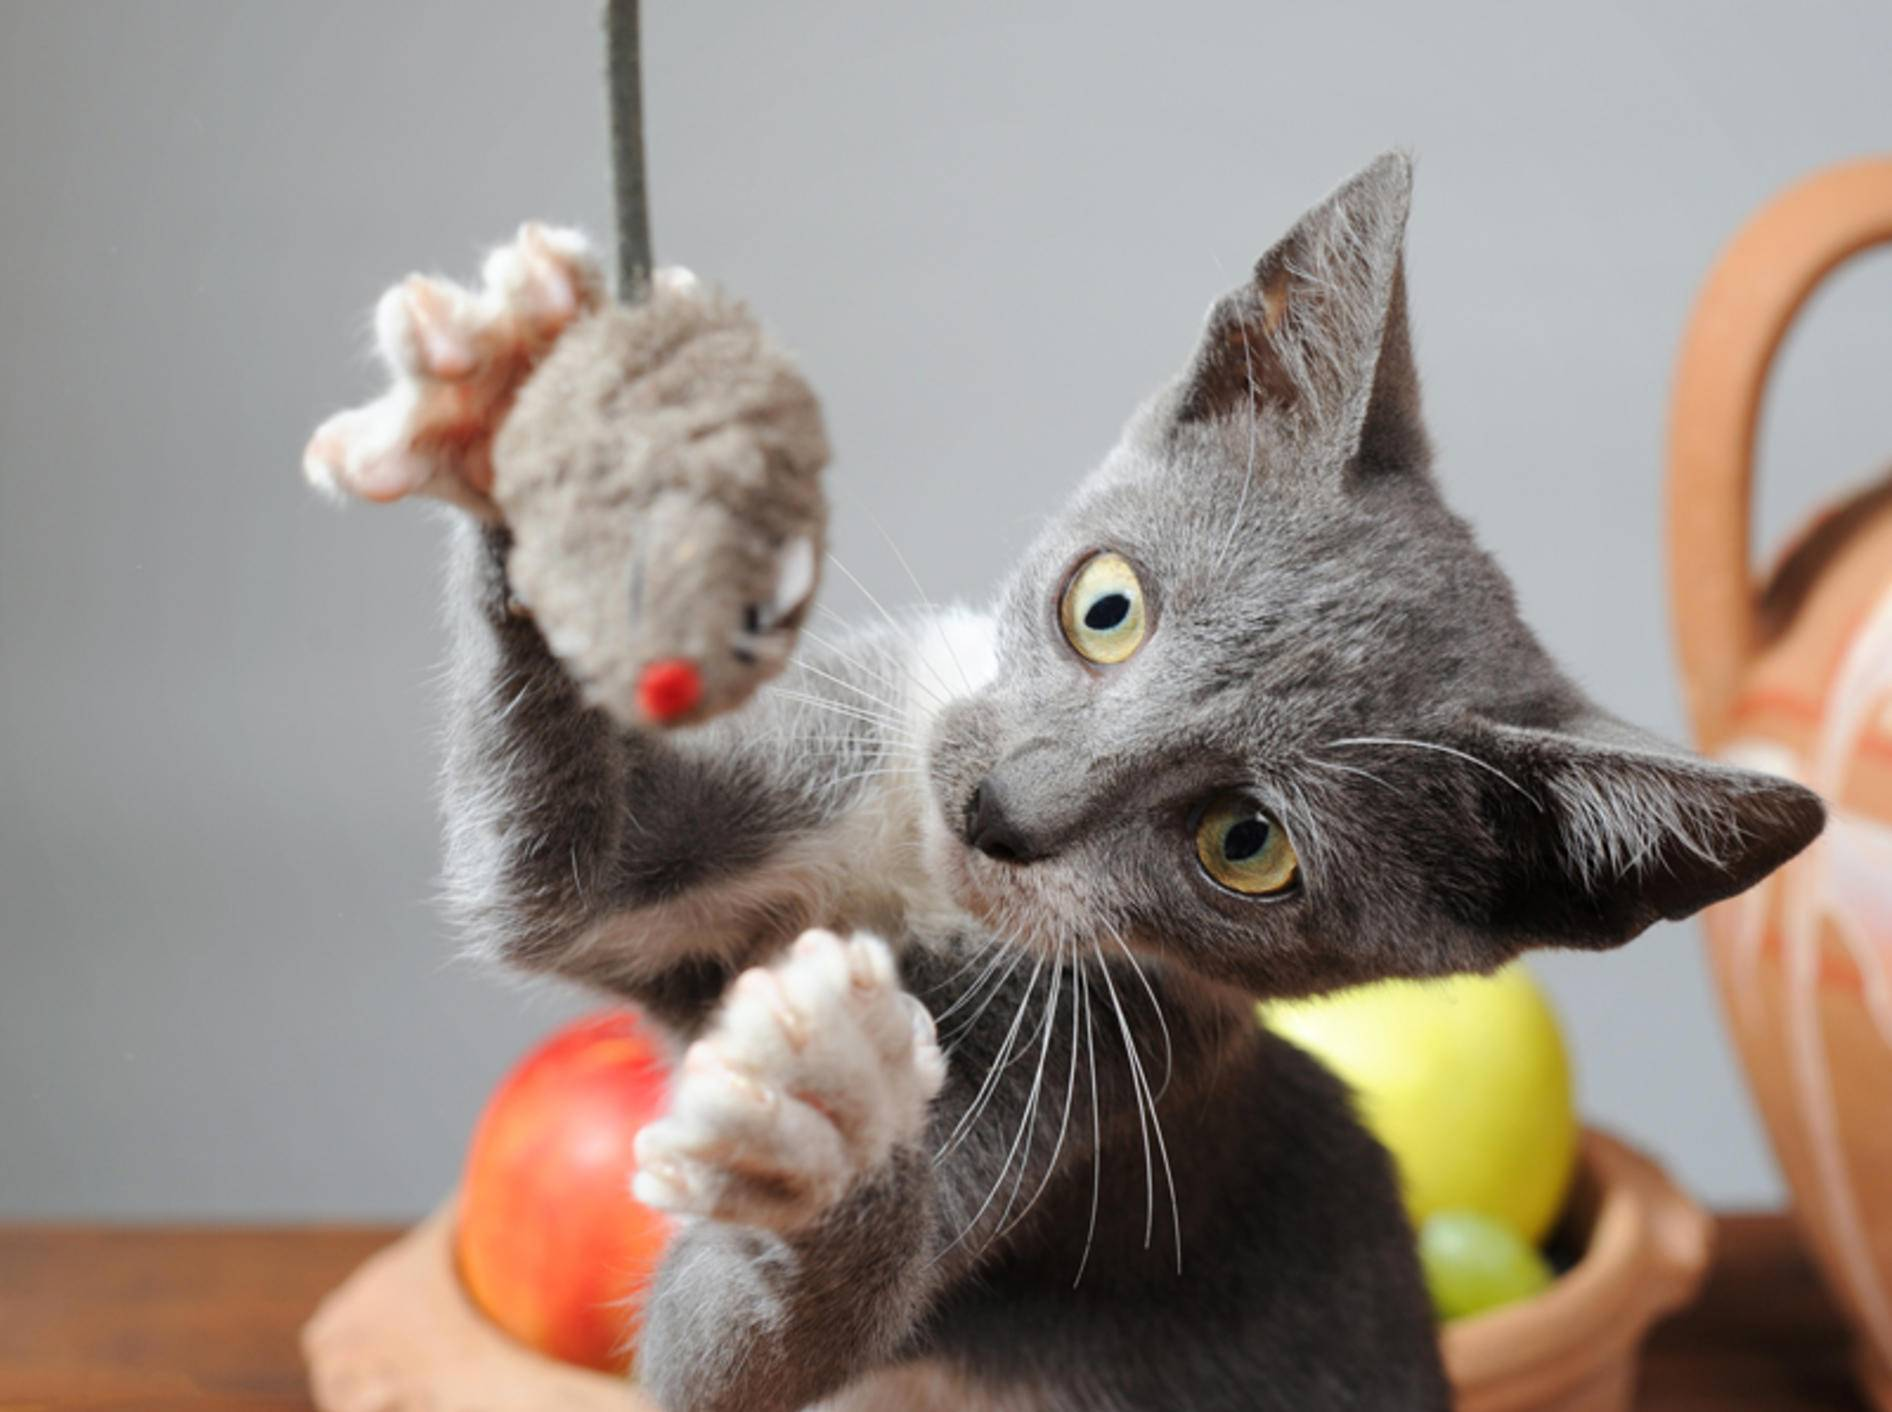 Vier tolle Katzen-Spielzeuge für den Türrahmen – Bild: Shutterstock / dragi52